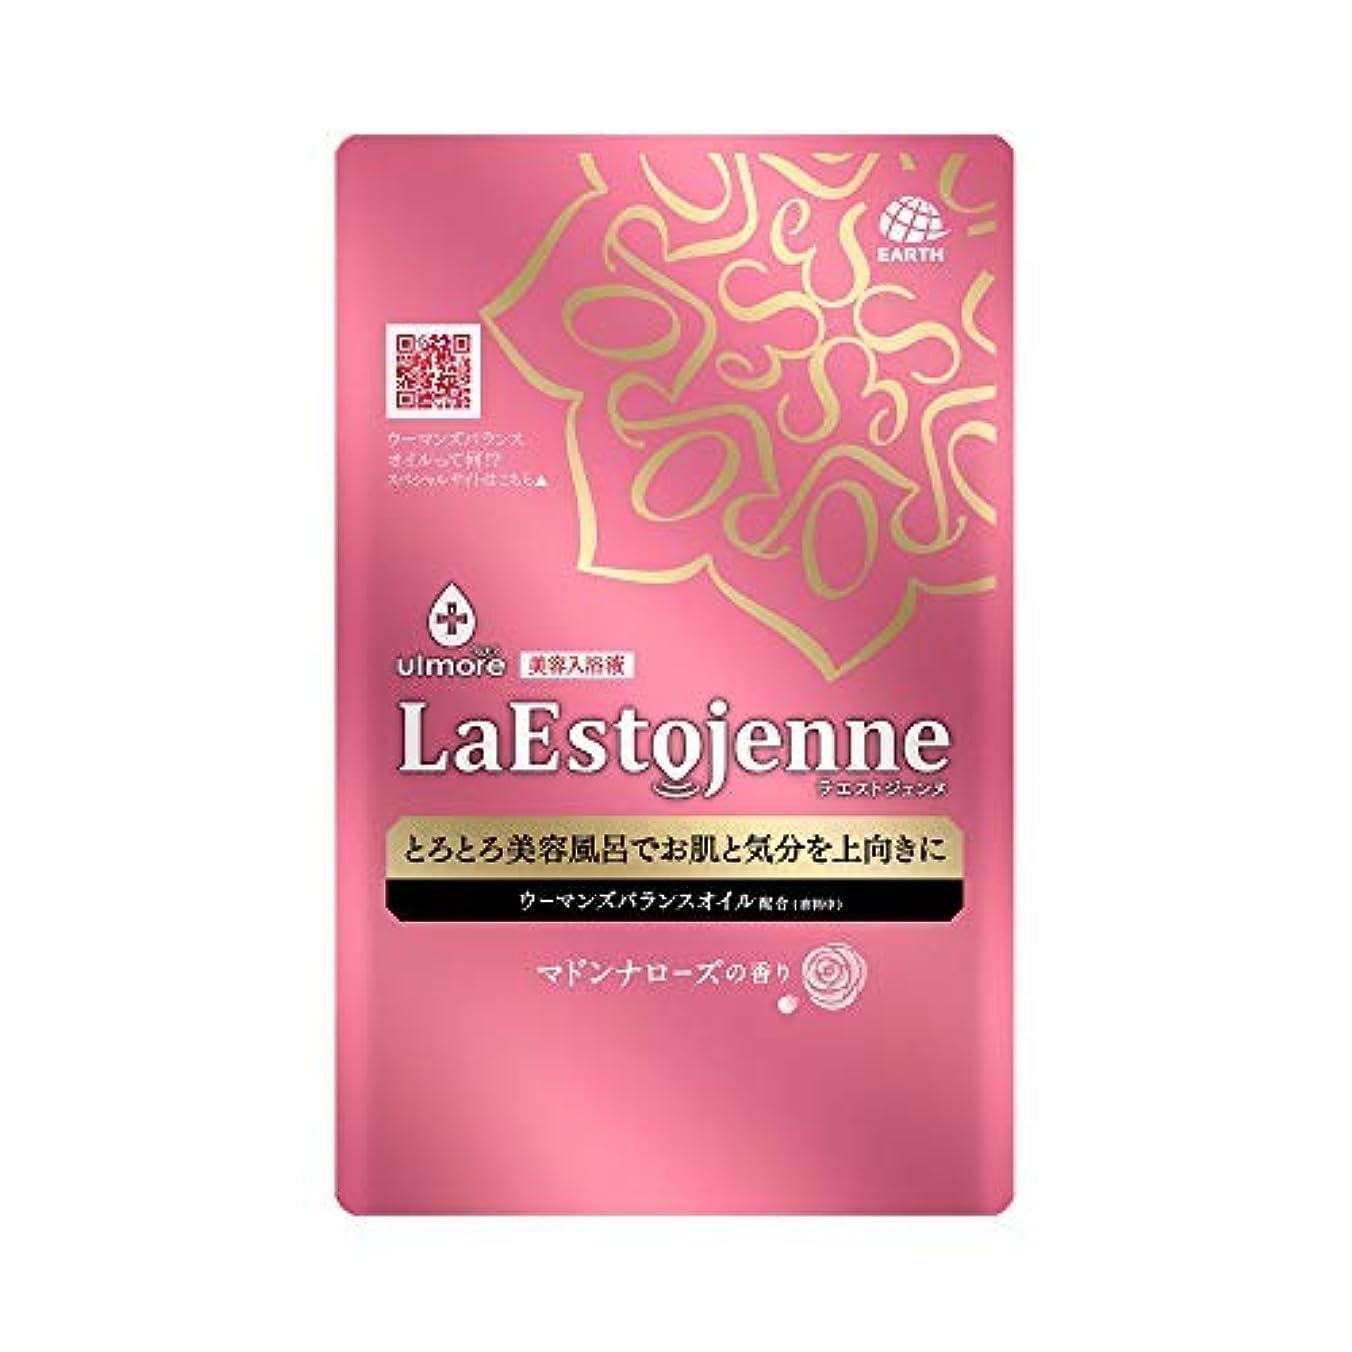 全部田舎者寝てるウルモア ラエストジェンヌ マドンナローズの香り 1包 × 3個セット